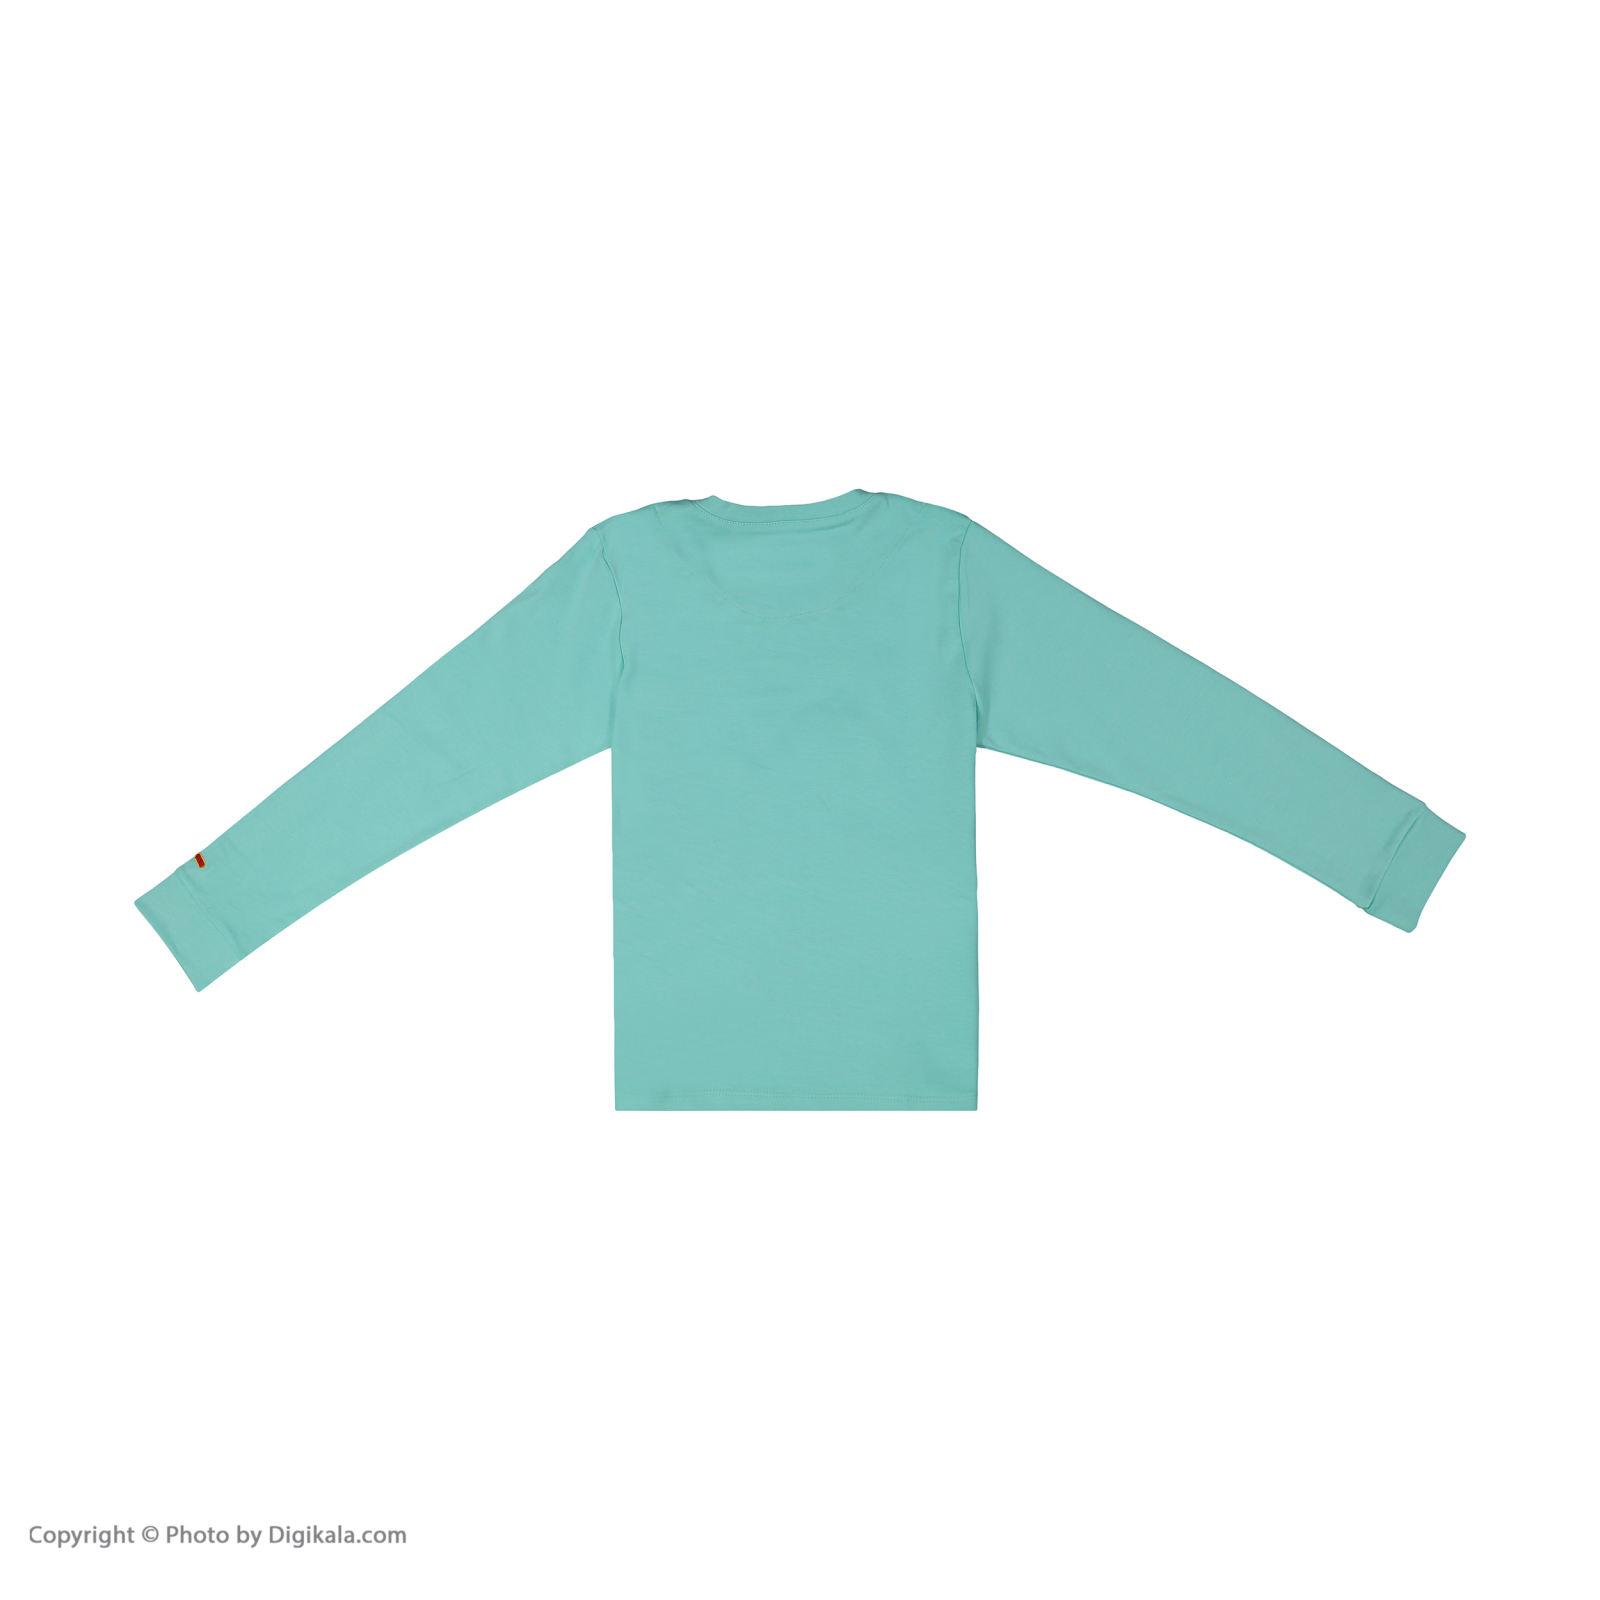 ست تی شرت و شلوار دخترانه مادر مدل 301-54 main 1 3